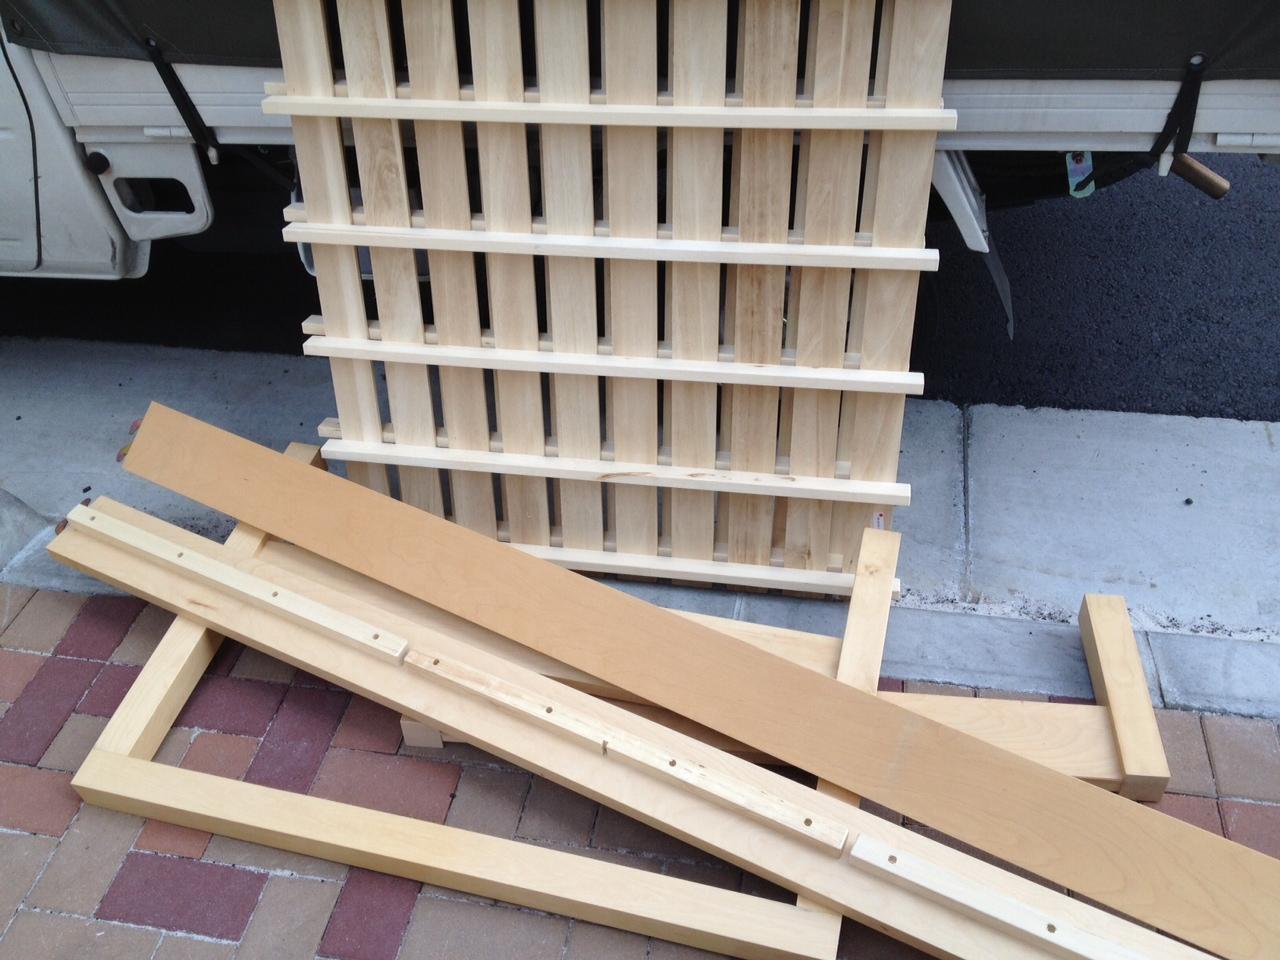 杉並区高円寺南で木製ベッドフレーム(シングル)を回収させて頂きました